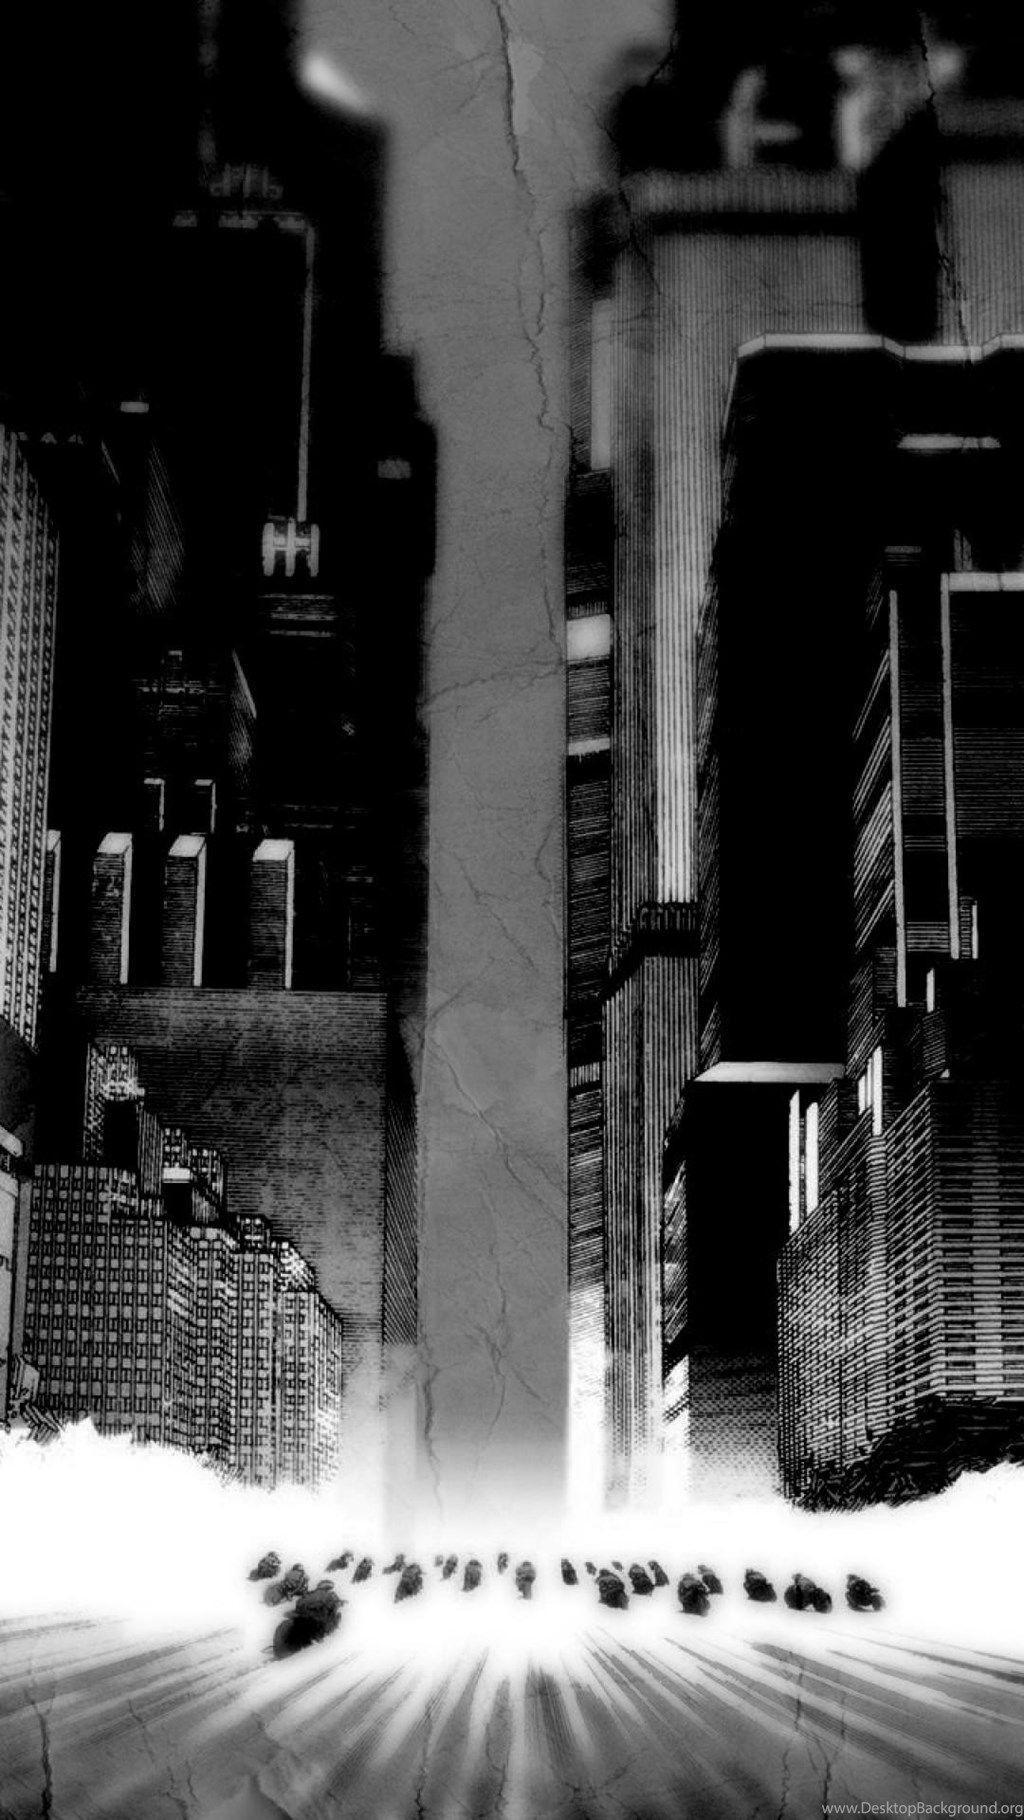 Akira City Wallpapers - Top Free Akira City Backgrounds ...